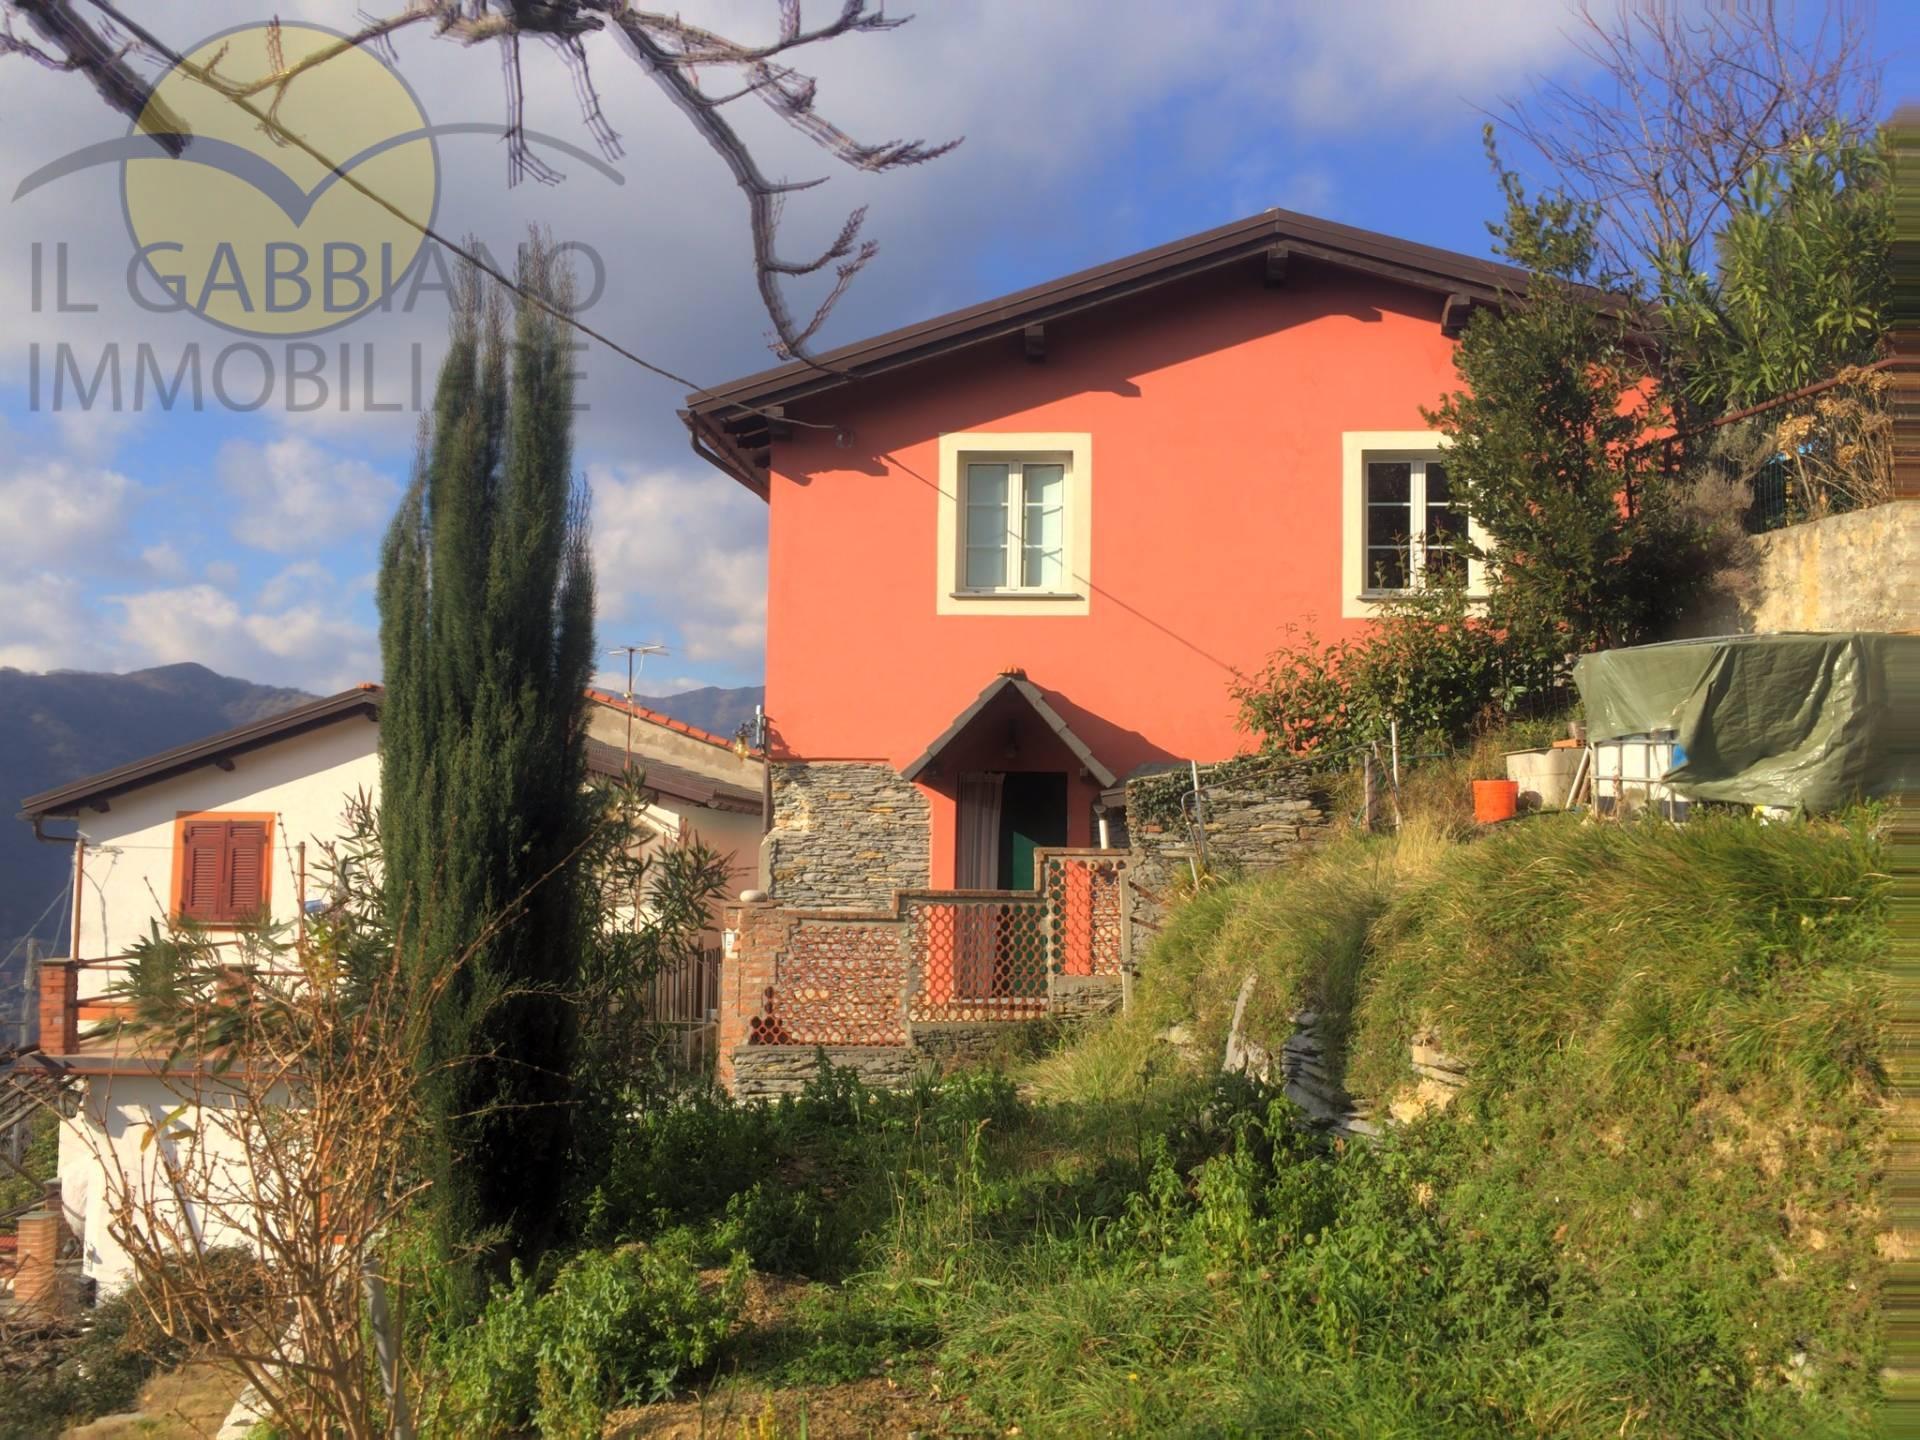 Villa in vendita a Uscio, 6 locali, zona Località: altare, prezzo € 179.000 | CambioCasa.it